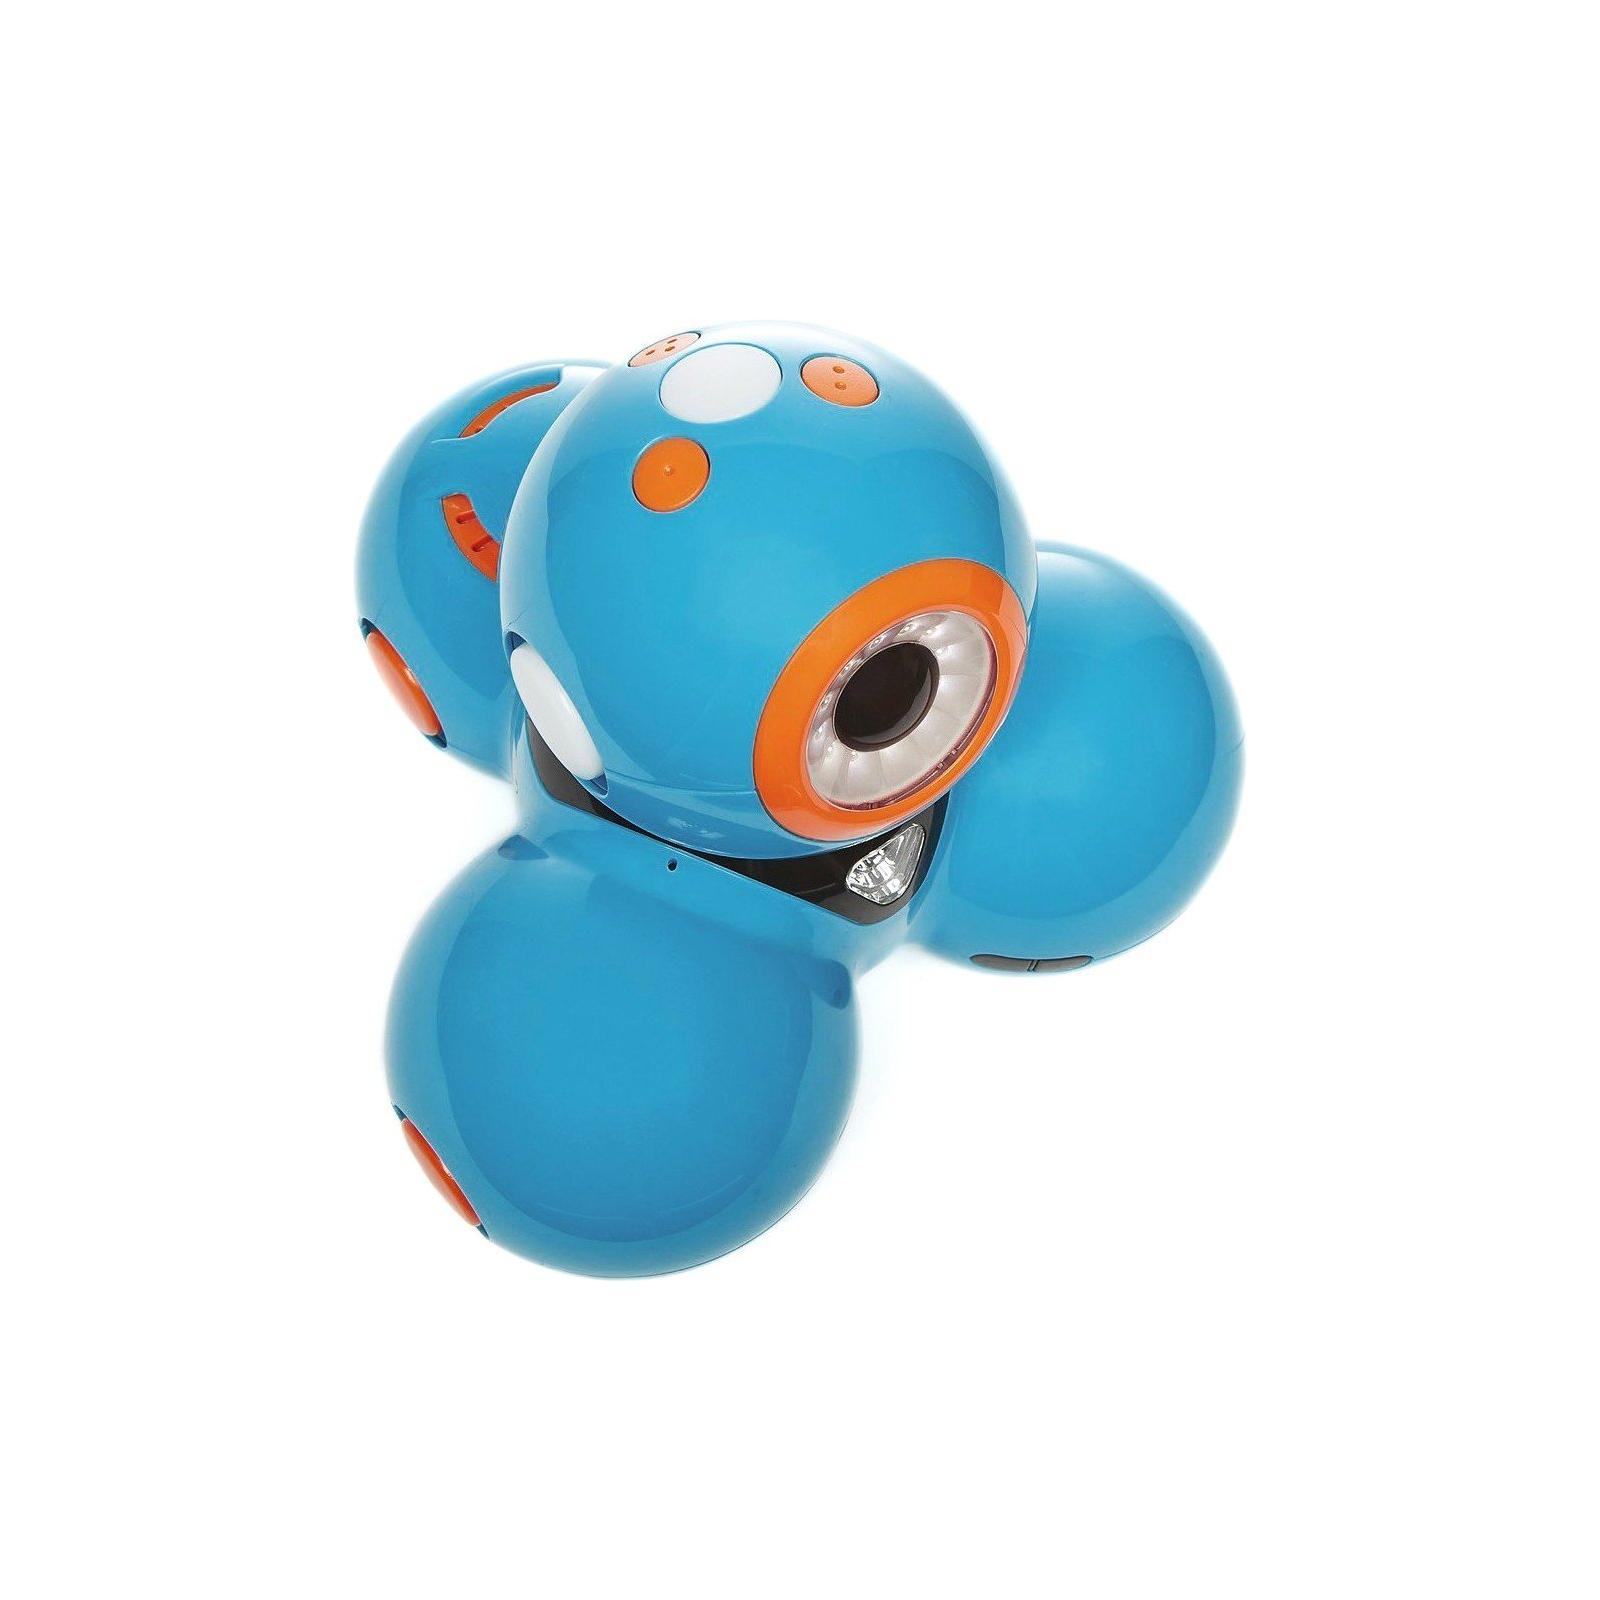 Робот Wonder Workshop Dash (1-DA01-05) изображение 6